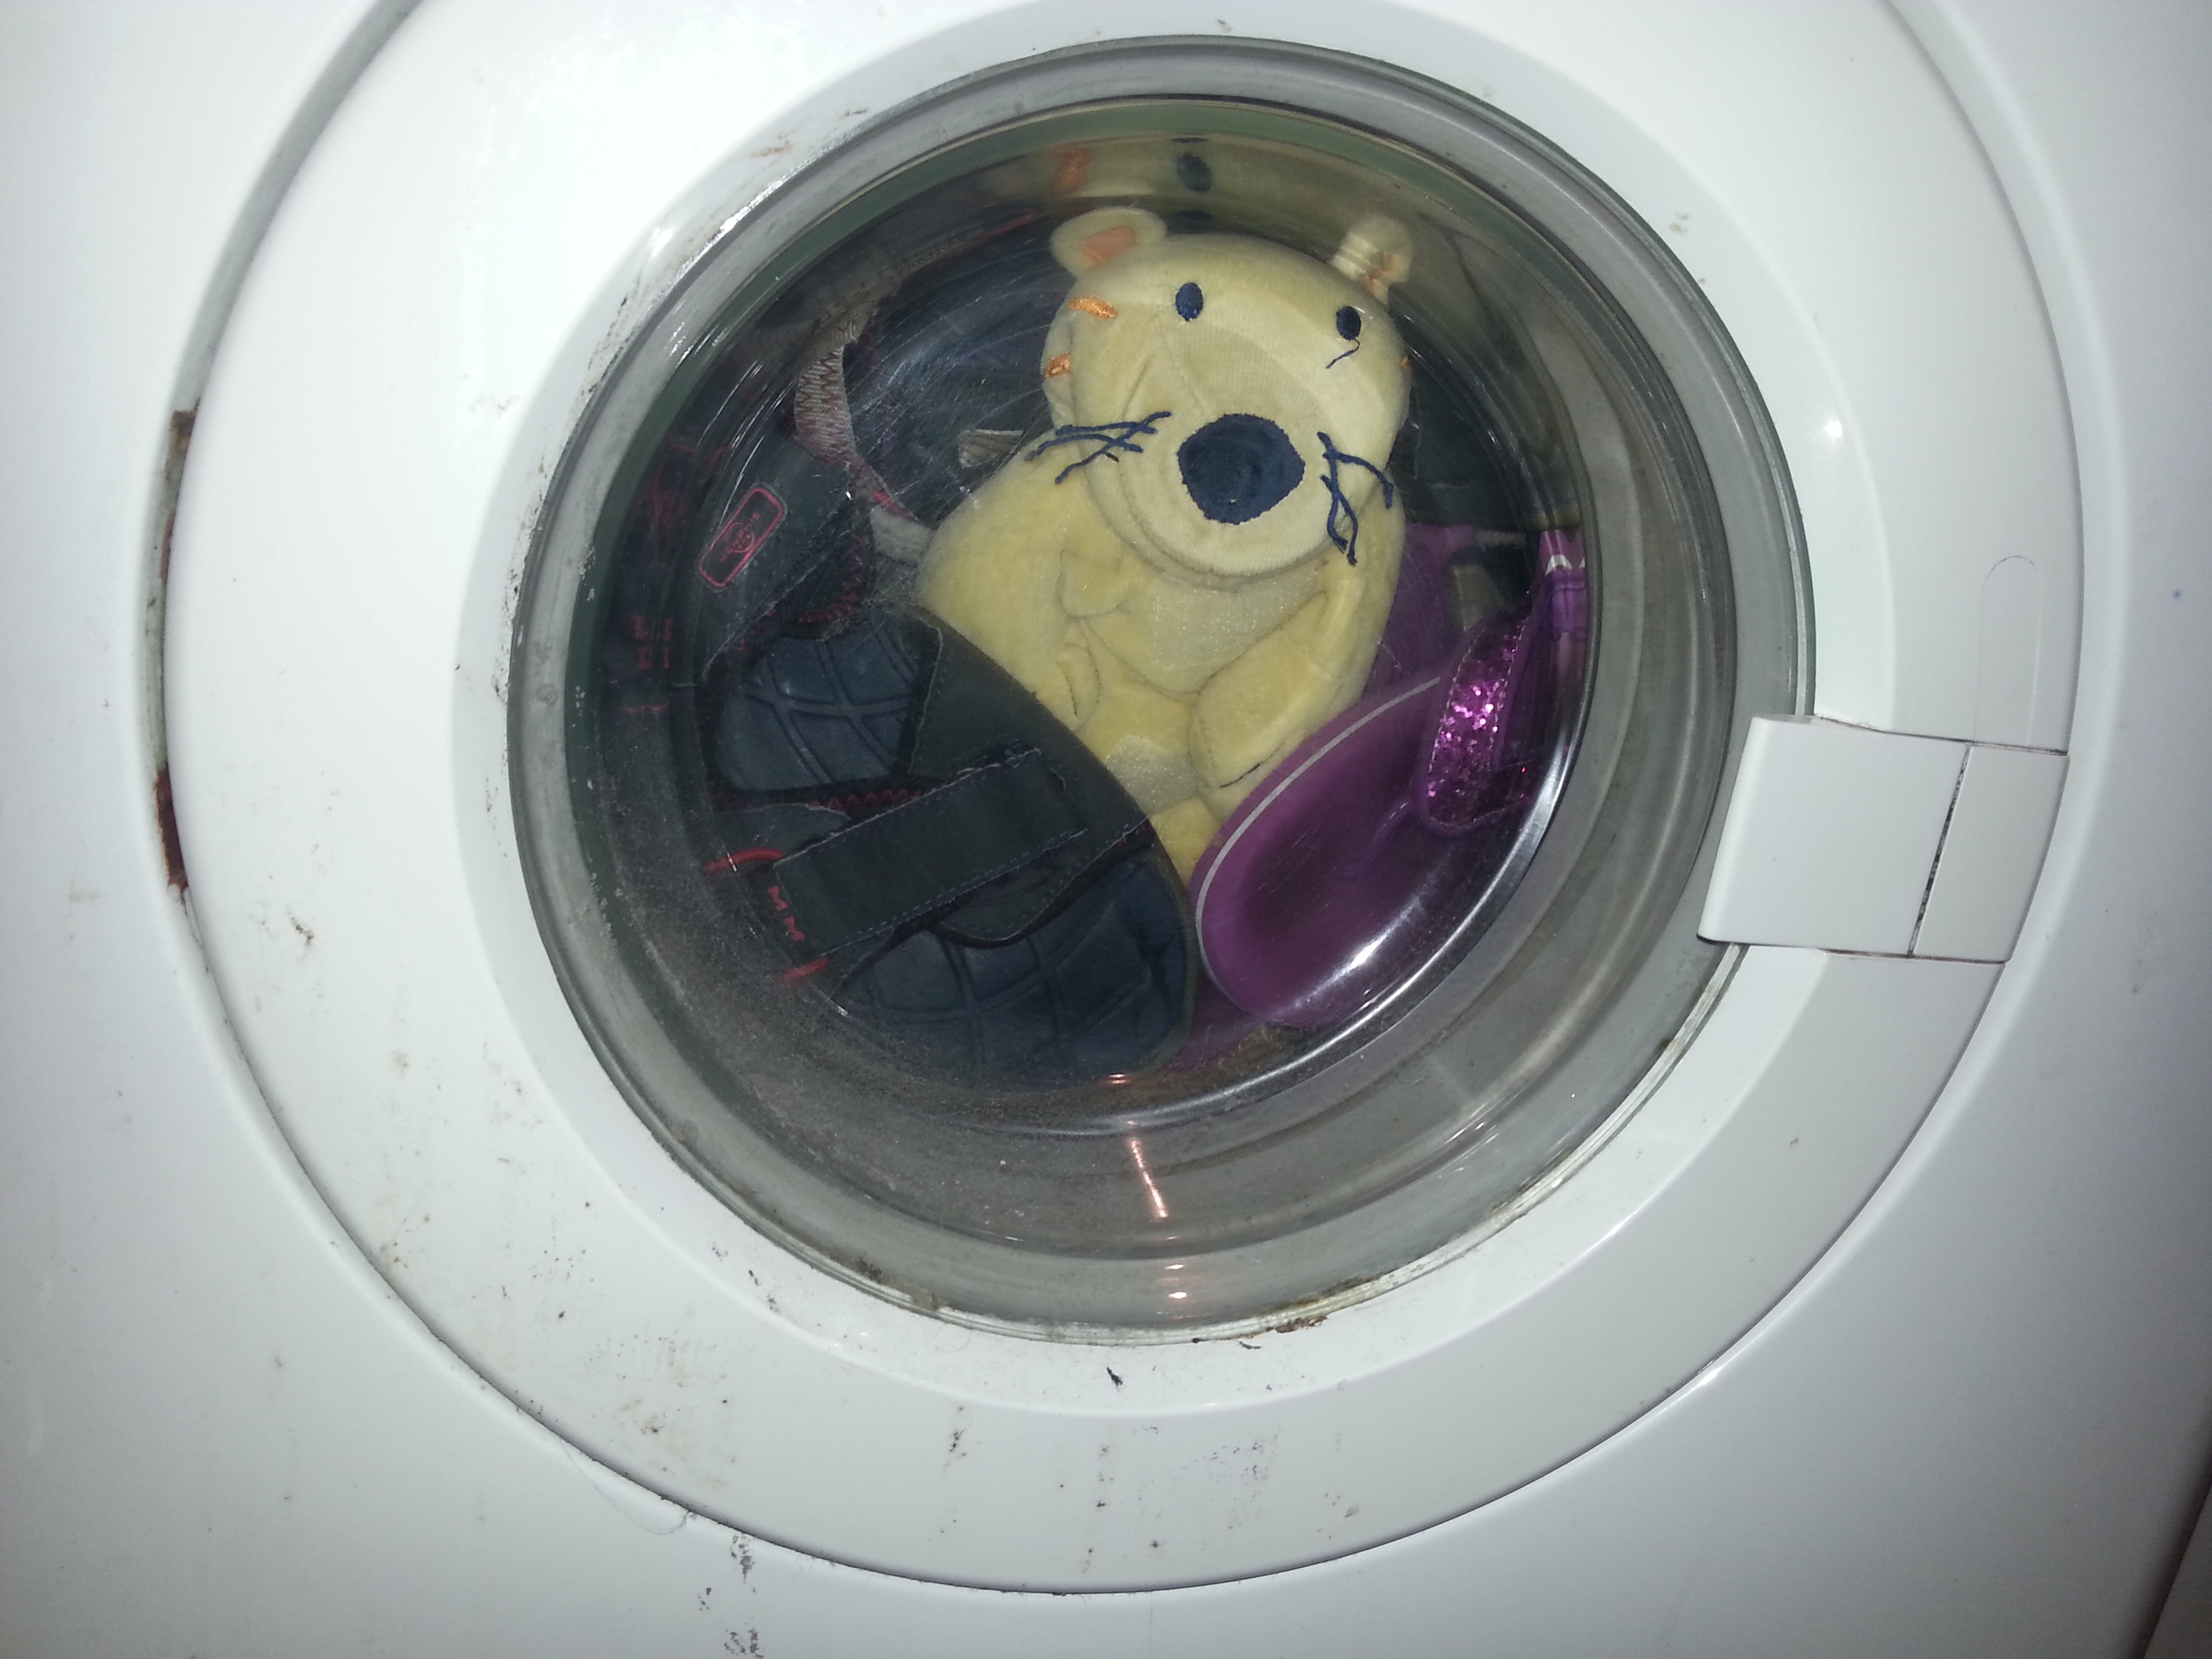 wie voll kann man eine waschmaschine machen schuhe